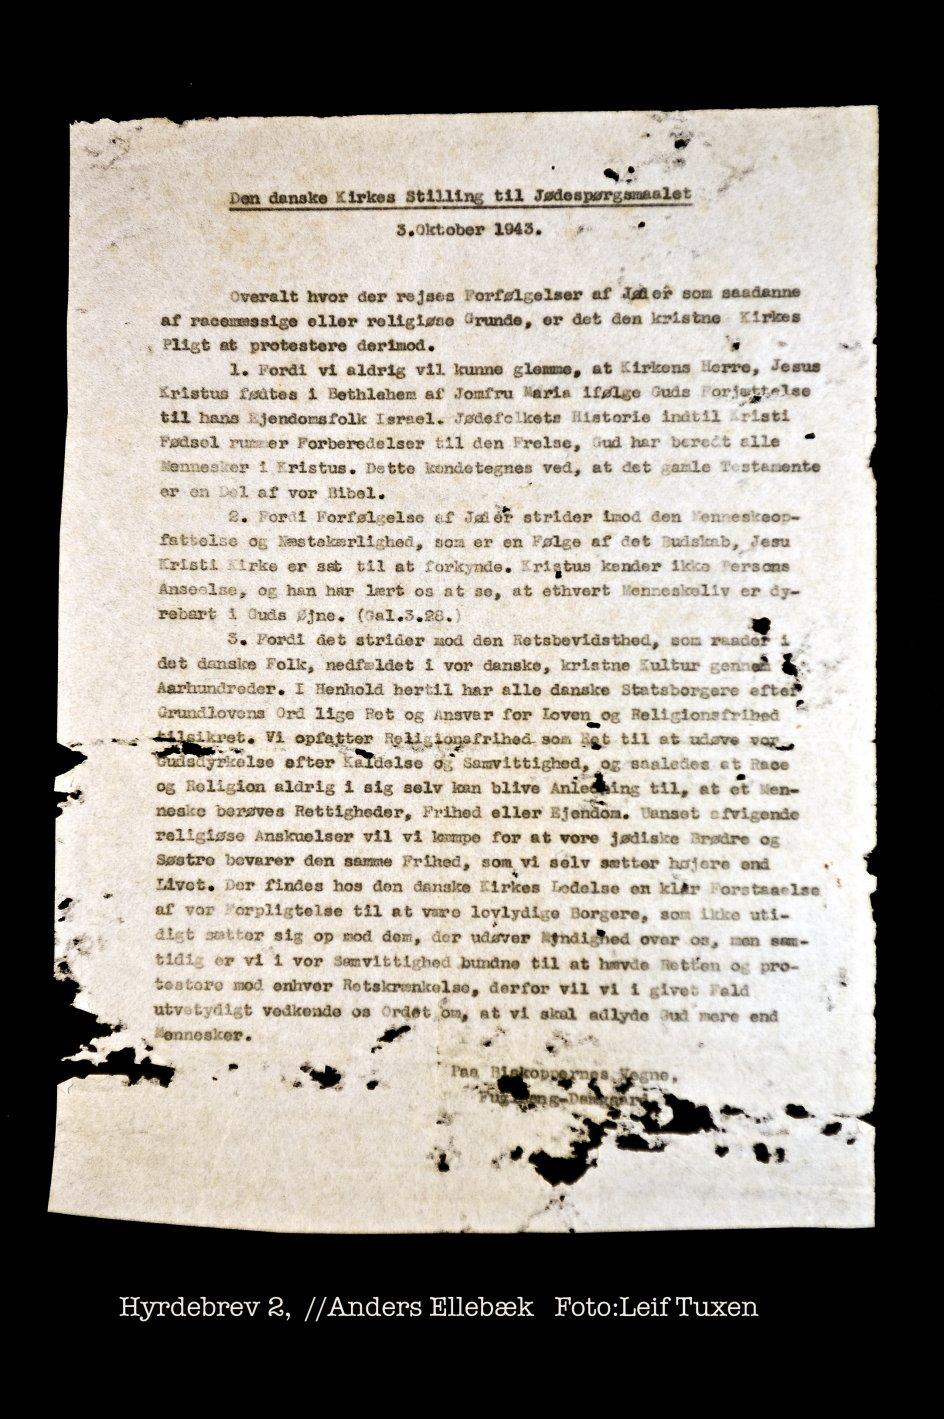 (DET HISTORISKE HYRDEBREV - BRINGES IKKE NØDVENDIGVIS I HEL STØRRELSE ELLER I LÆSBAR STØRRELSE) I efteråret 1943 udsendte Københavns Biskop Hans Fuglsang-Damgaard på biskoppernes vegne et hyrdebrev som protest mod jødernes planlagte aktion mod de danske jøder. Foto af gennemslagskopi - Leif Tuxen